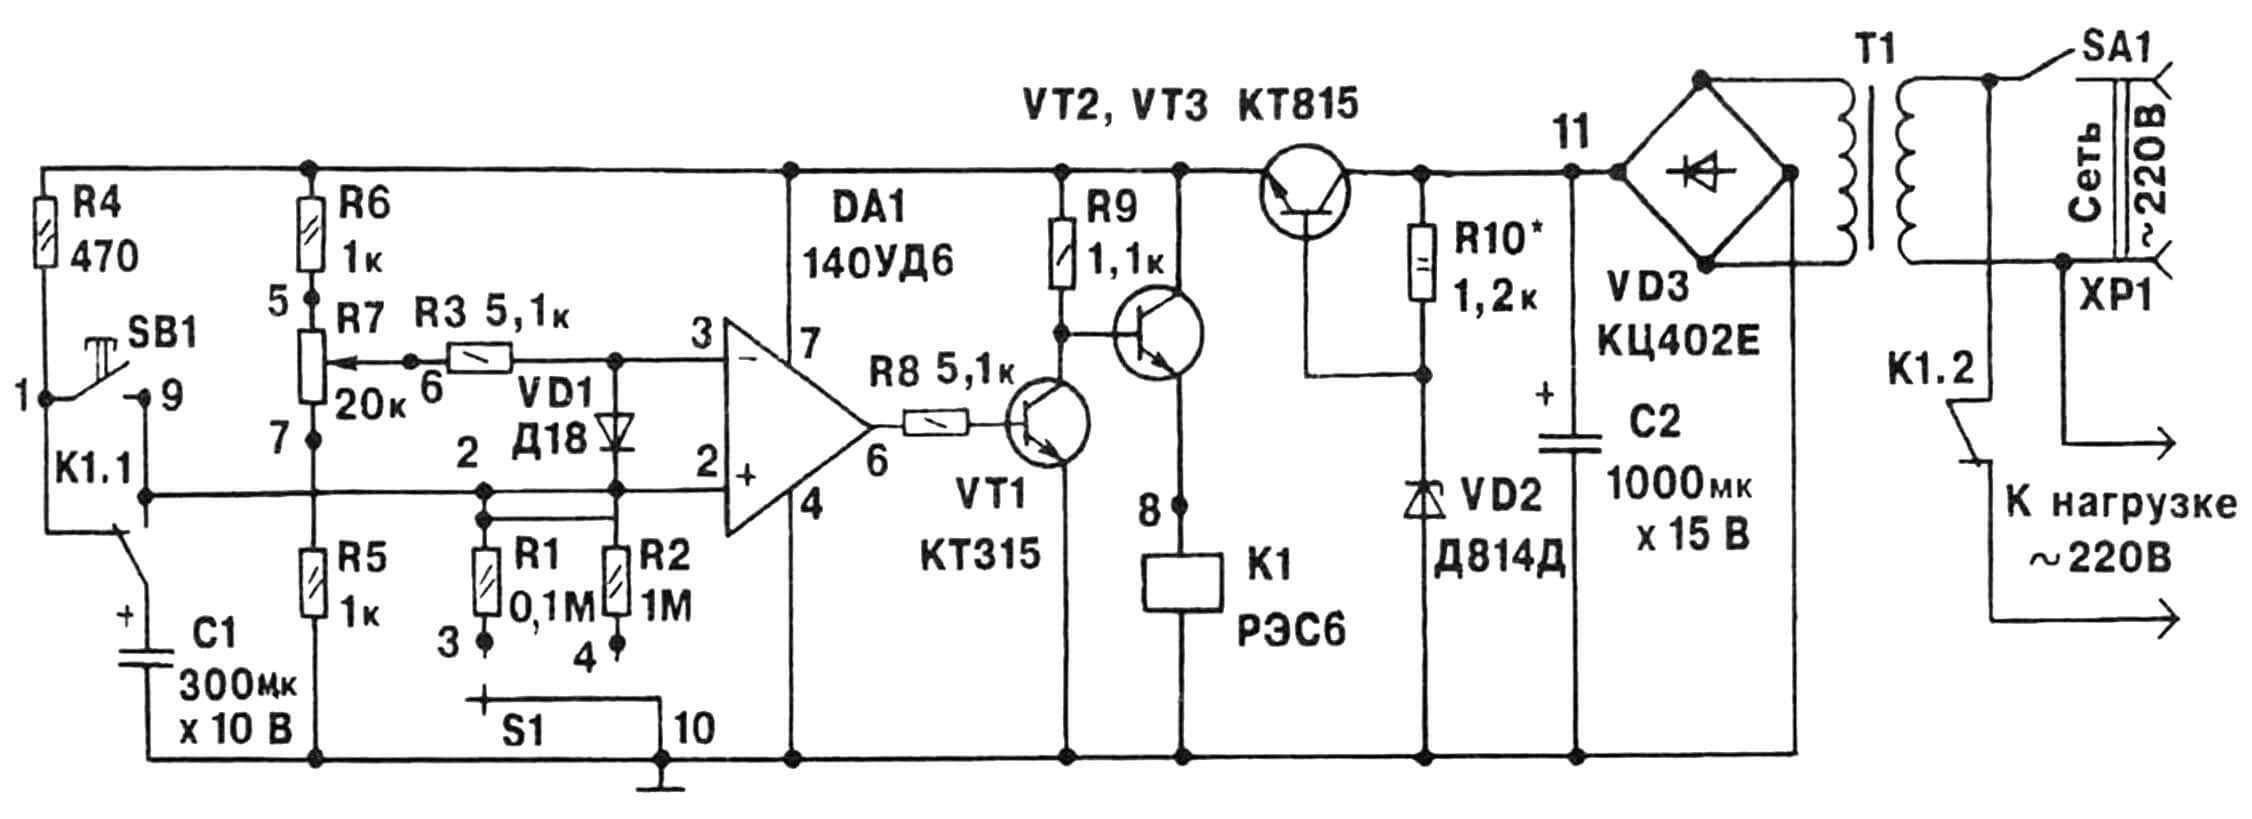 Принципиальная электрическая схема фотореле с компаратором.